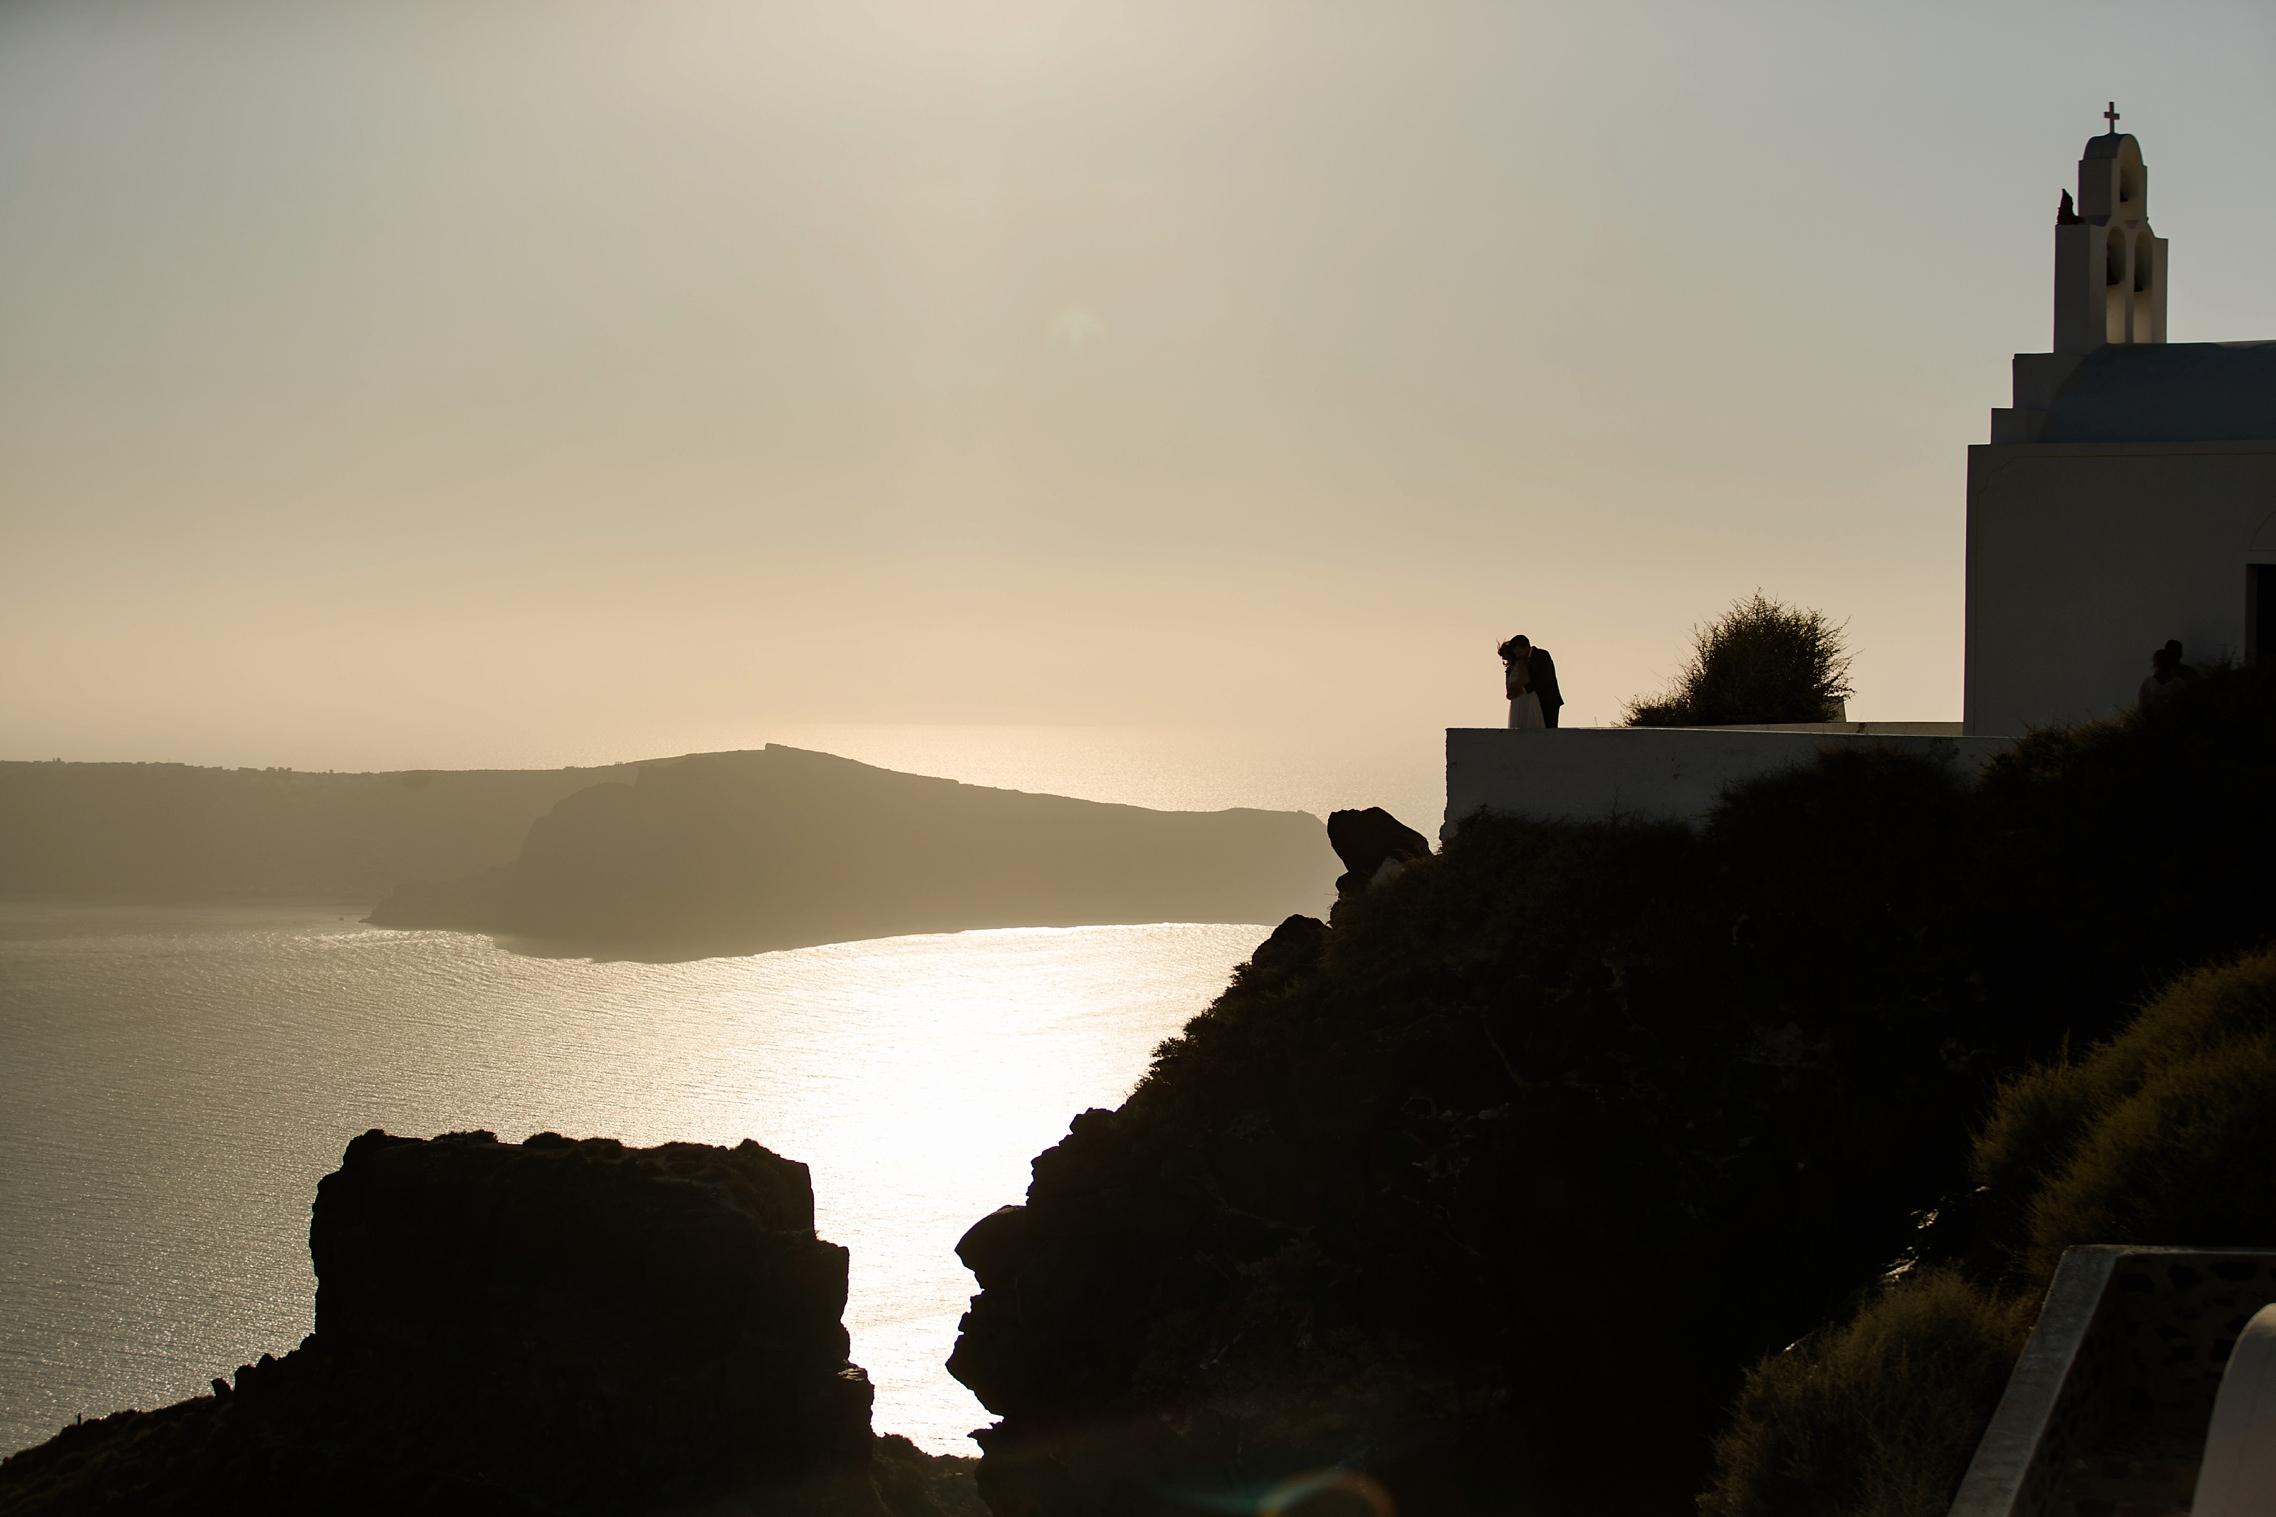 Silhouetten-Panorama-Bild mit Meerblick auf Santorini mit einem Hochzeitspaar.